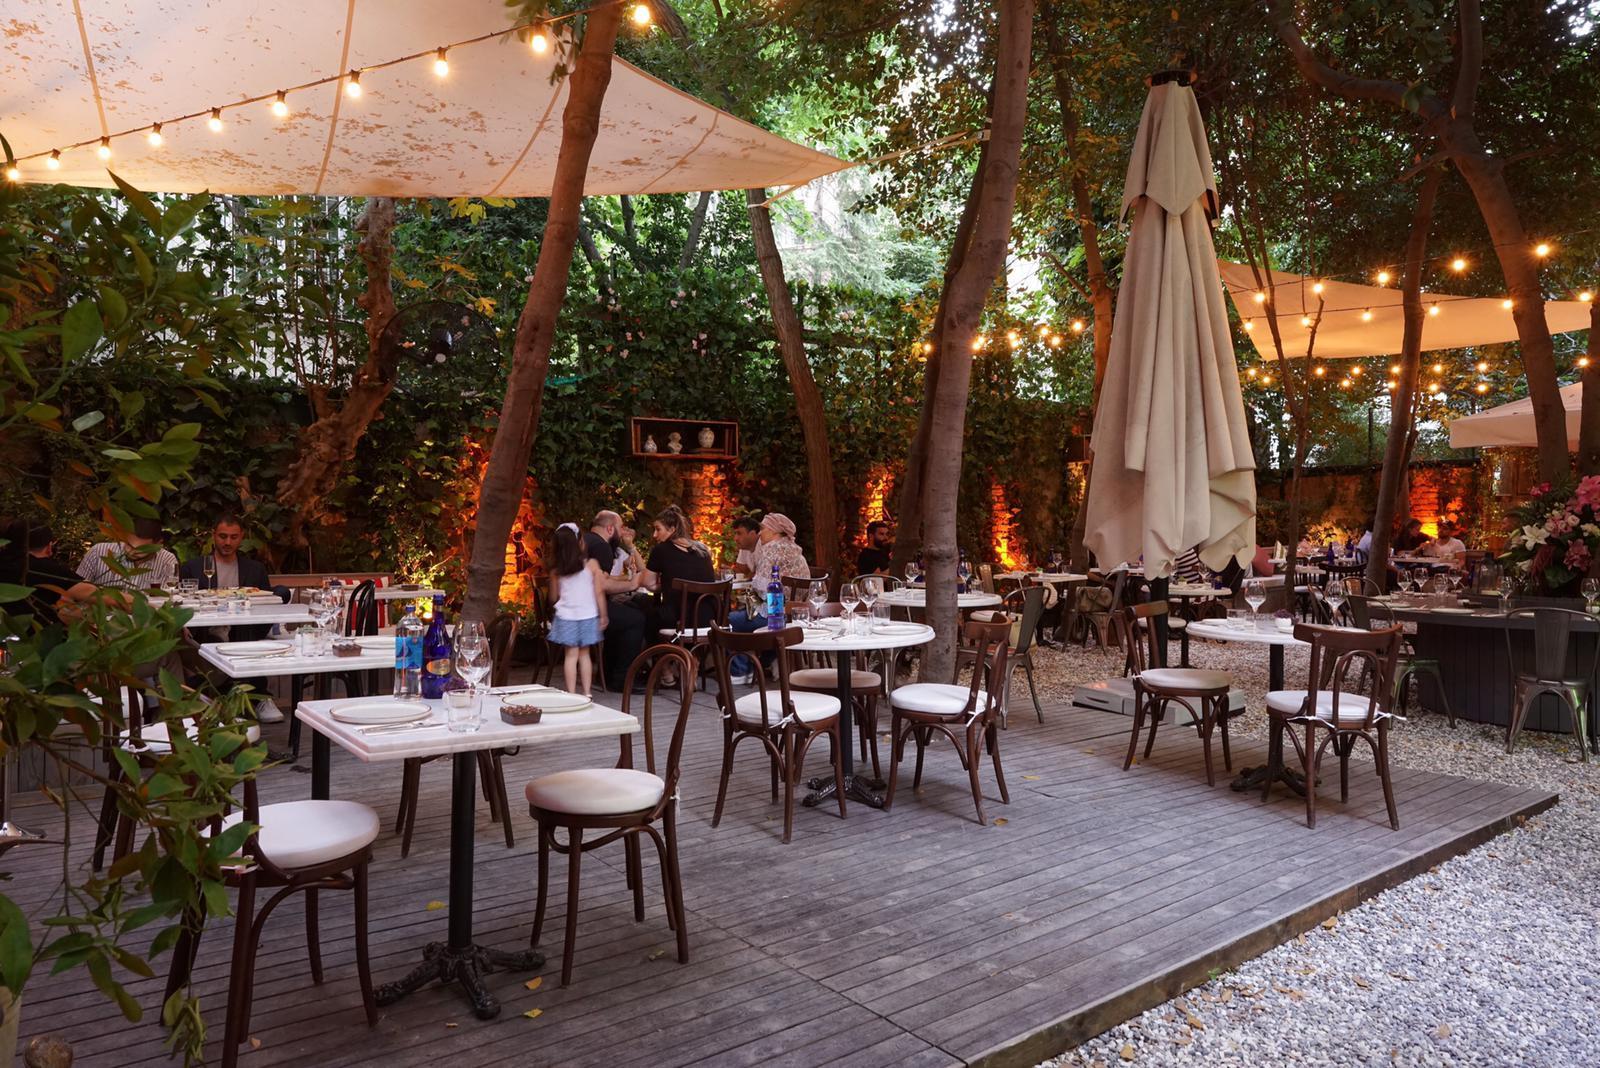 Emily S Garden Restaurants In Cihangir Istanbul